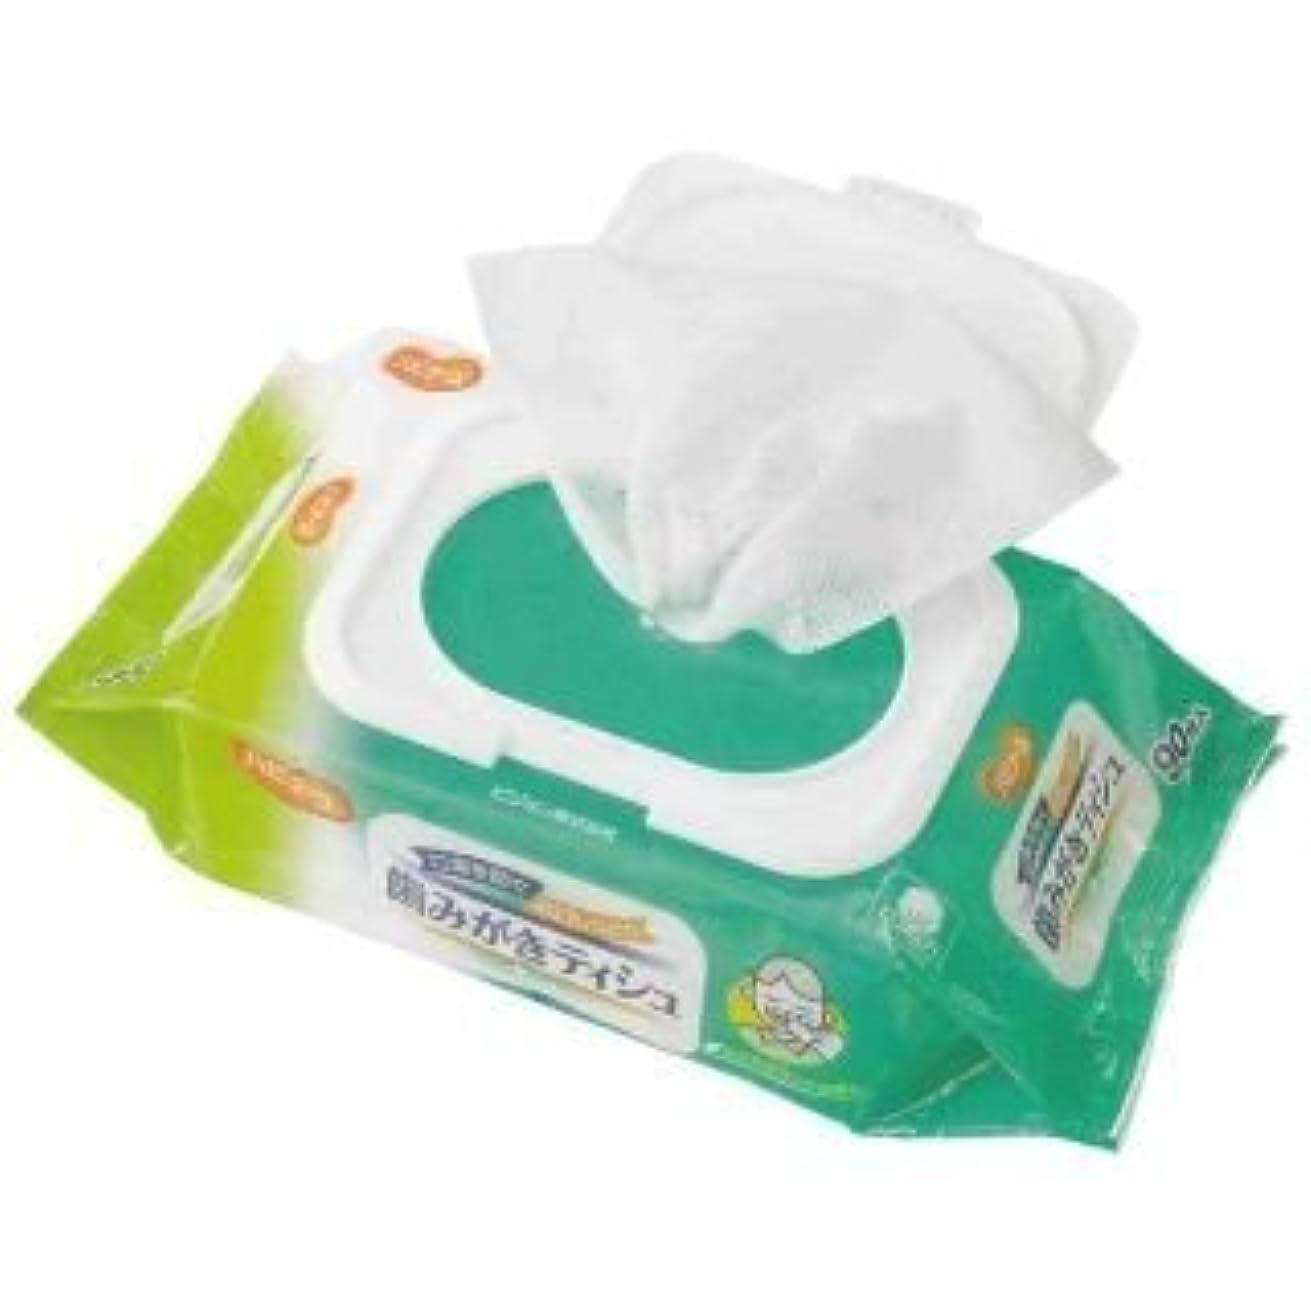 置くためにパック騒ぎすき口臭を防ぐ&お口しっとり!ふきとりやすいコットンメッシュシート!お口が乾燥して、お口の臭いが気になるときに!歯みがきティシュ 90枚入【3個セット】